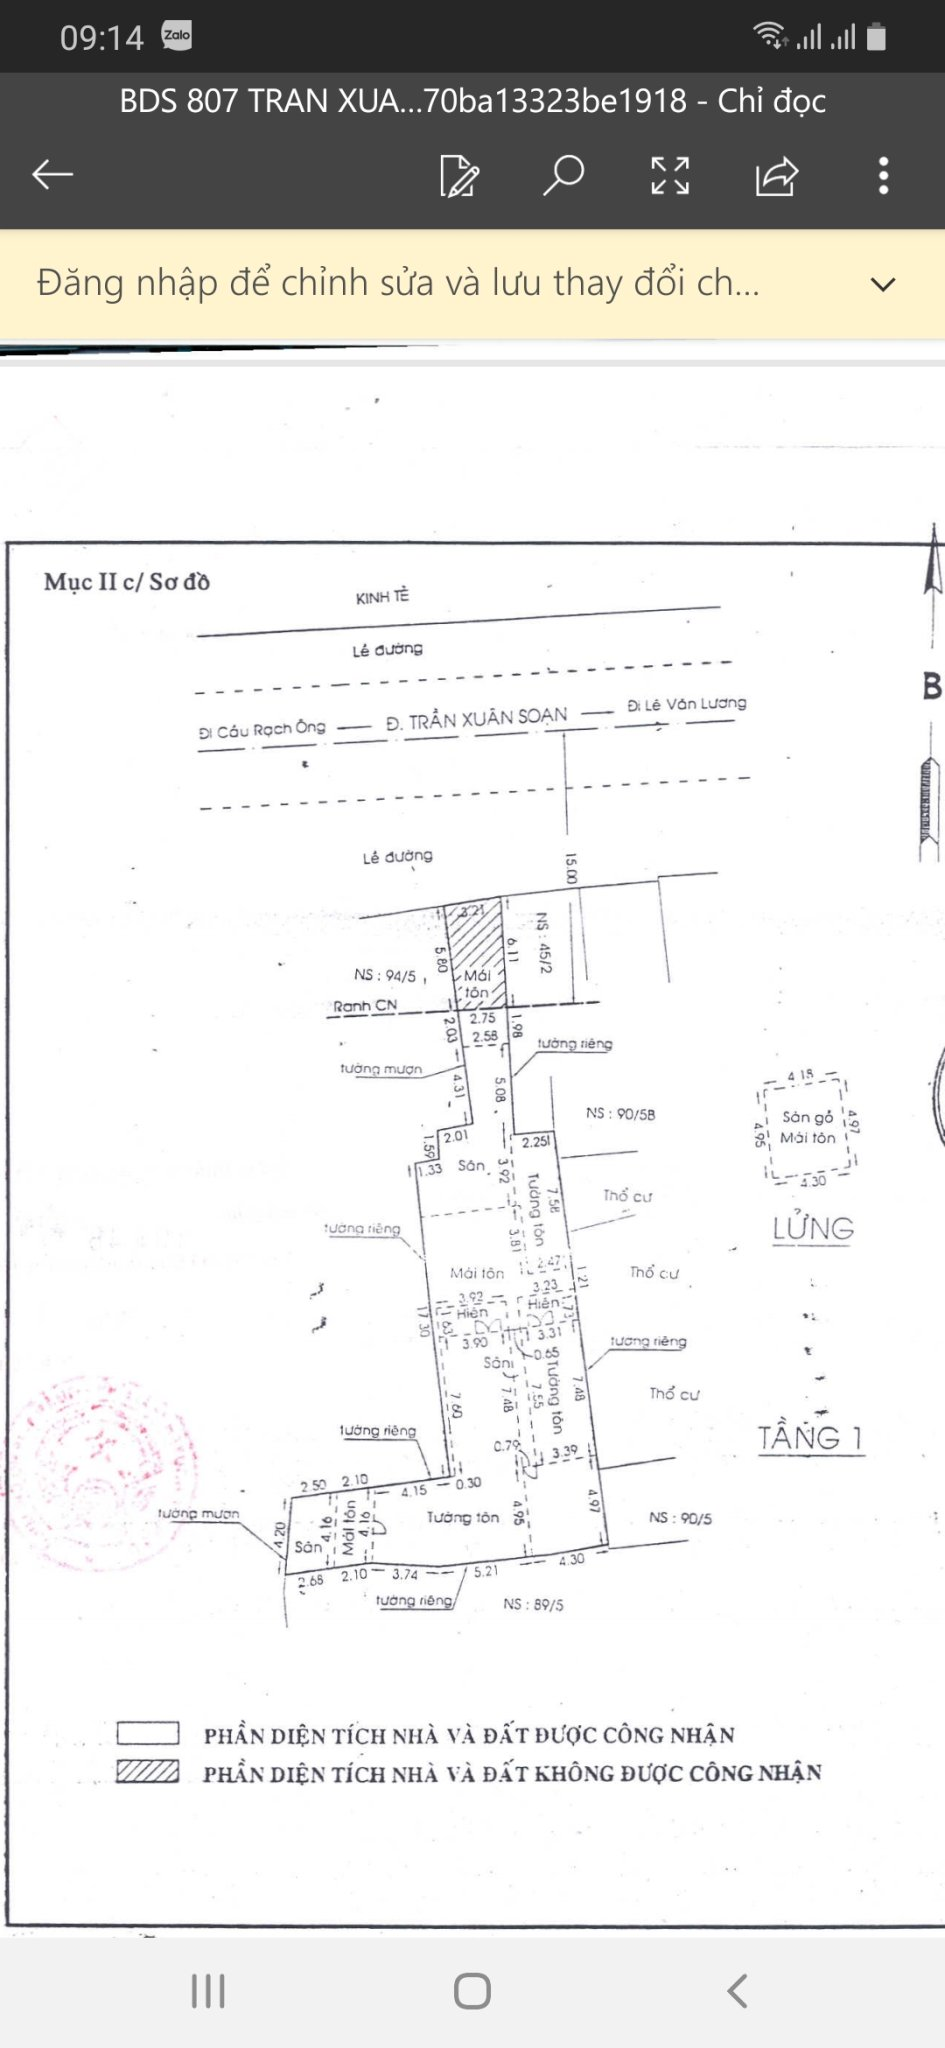 Cần bán nhà đất mặt tiền Trần Xuân Soạn, Tân Hưng, quận 7, hướng bắc. Giá 24 tỷ (TL)